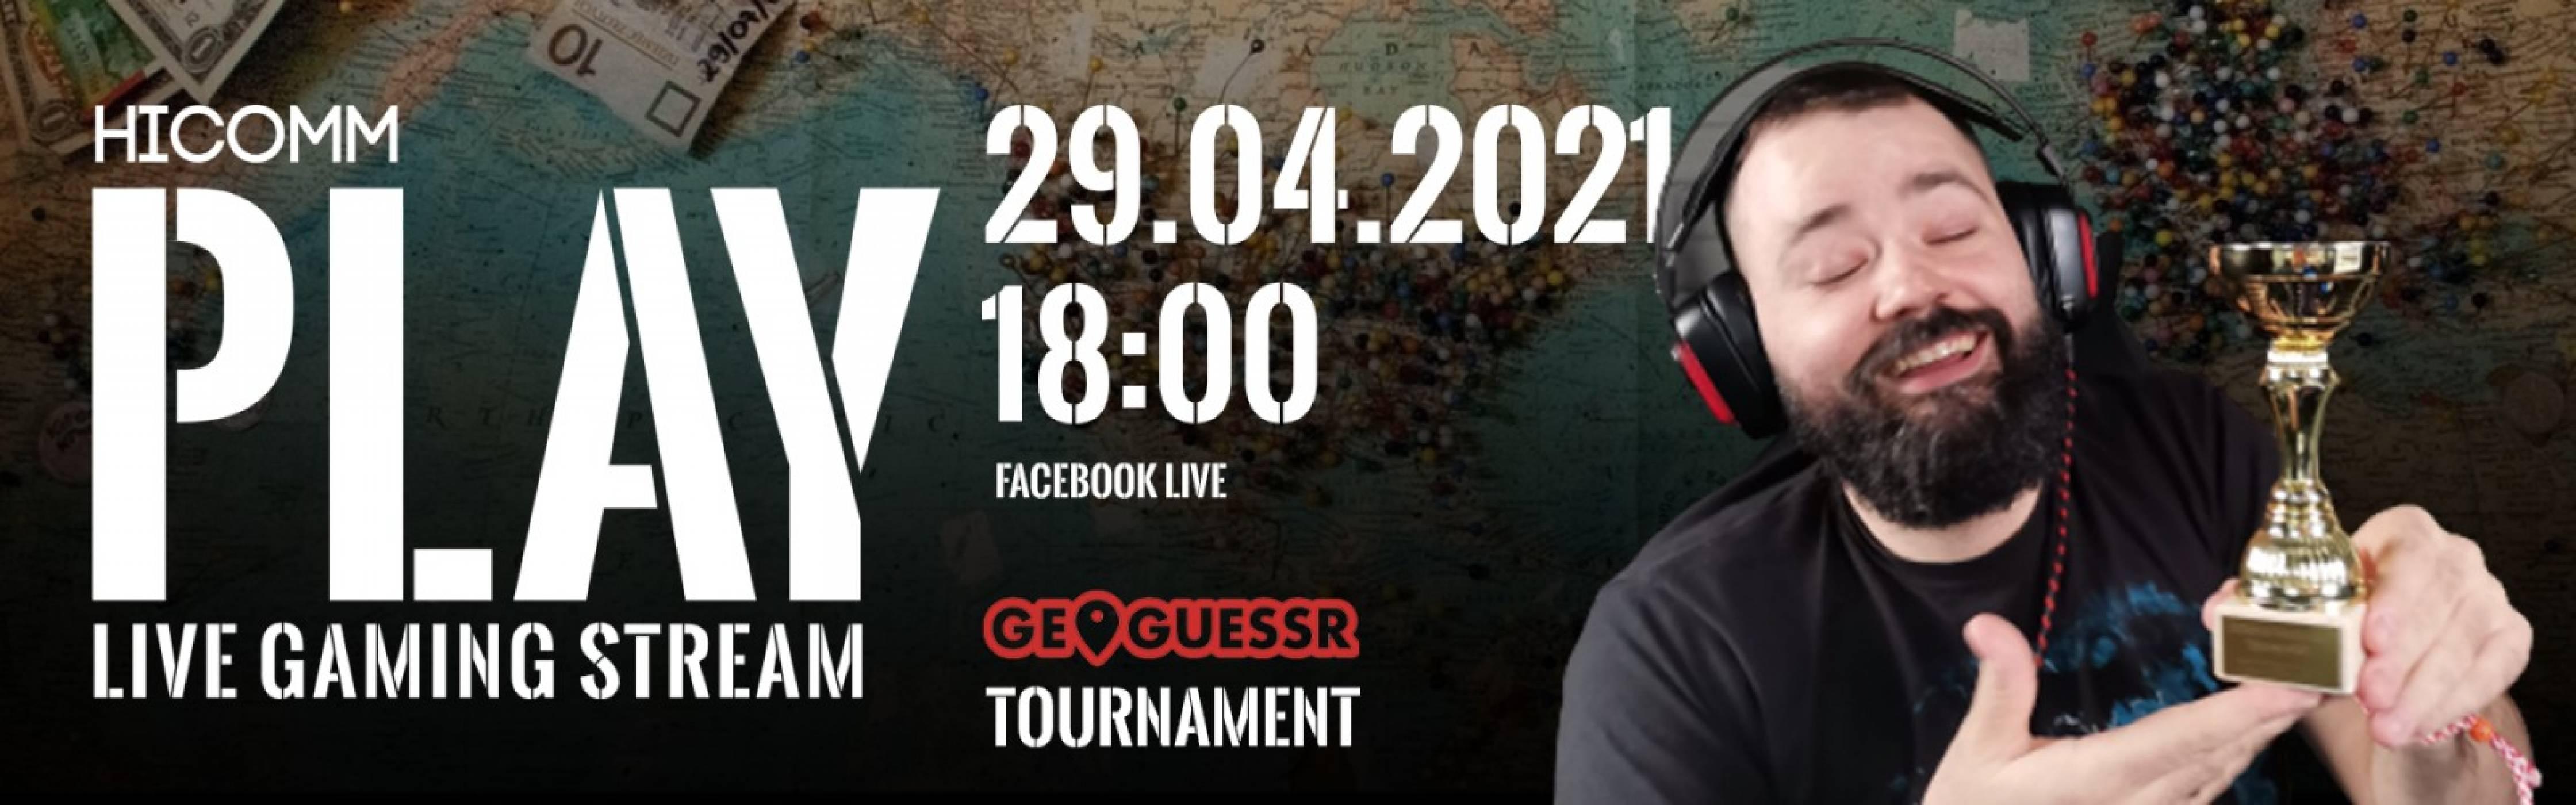 Следва: гостуване на Кмета на комедията и Geoguessr турнир с публиката